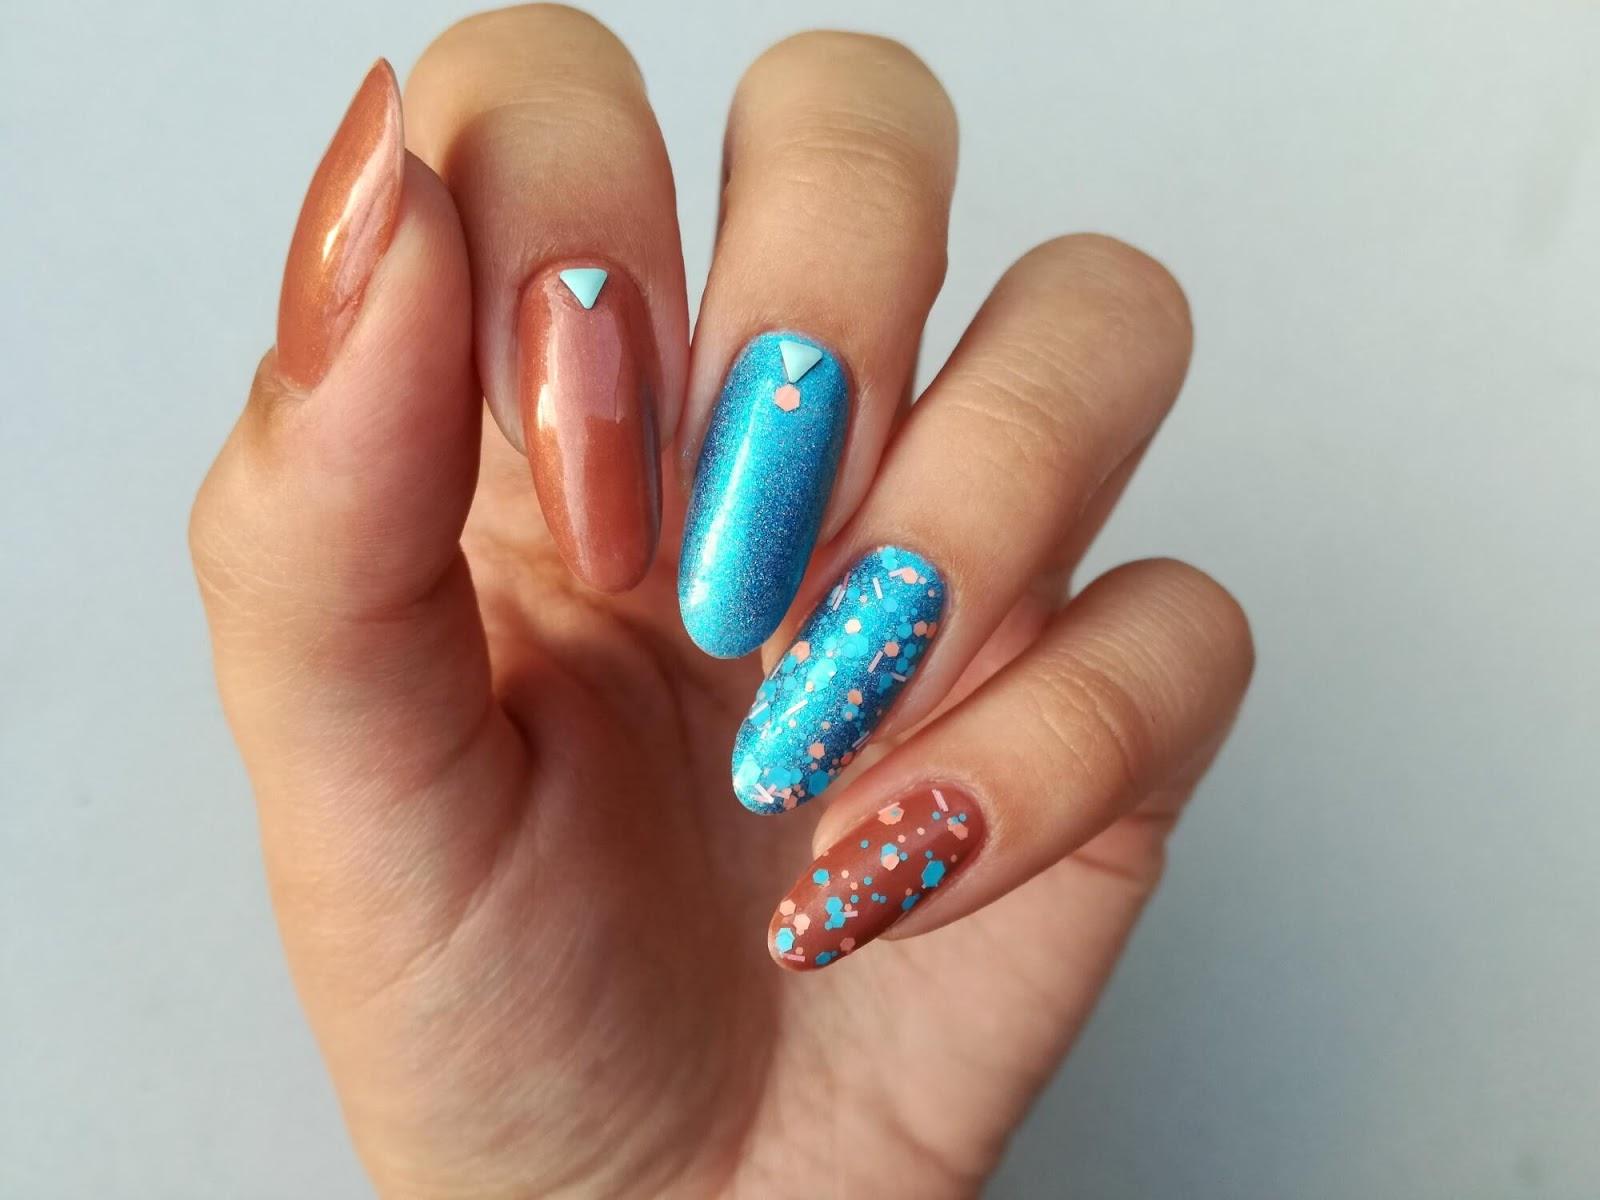 Paznokcie pomalowane na dwa kolory - brąz + turkus